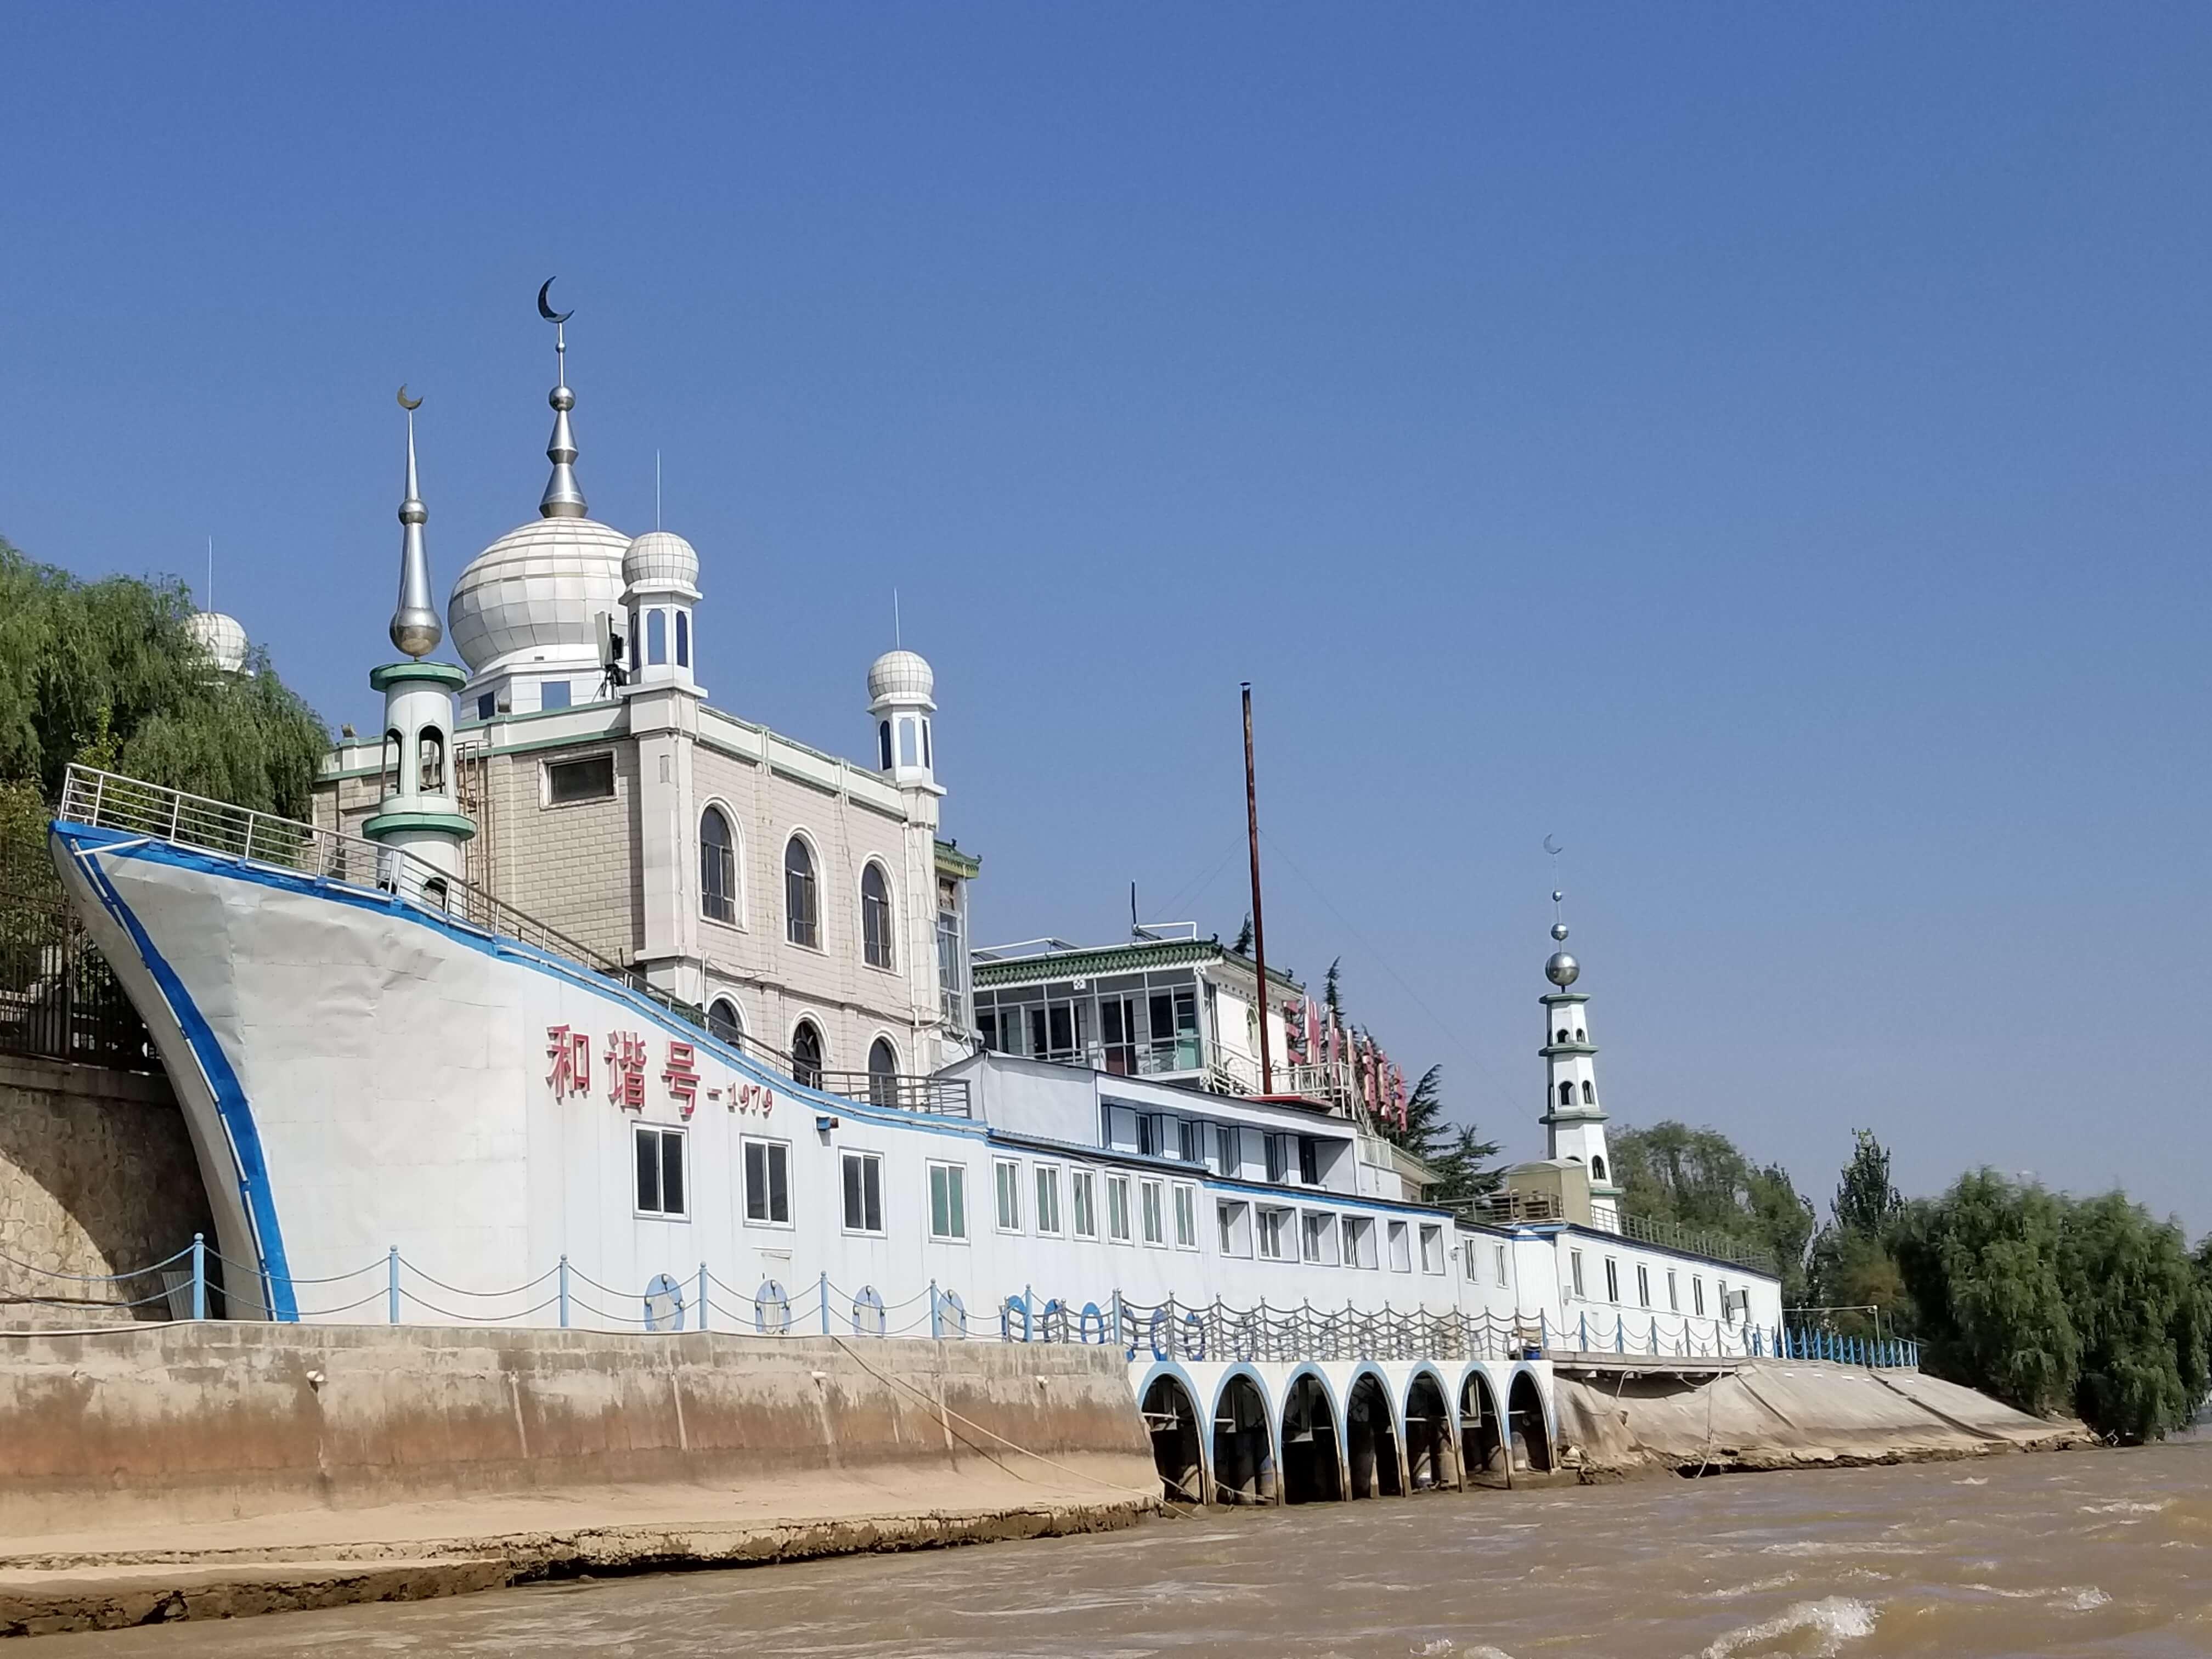 Lanzhou Water Mosque